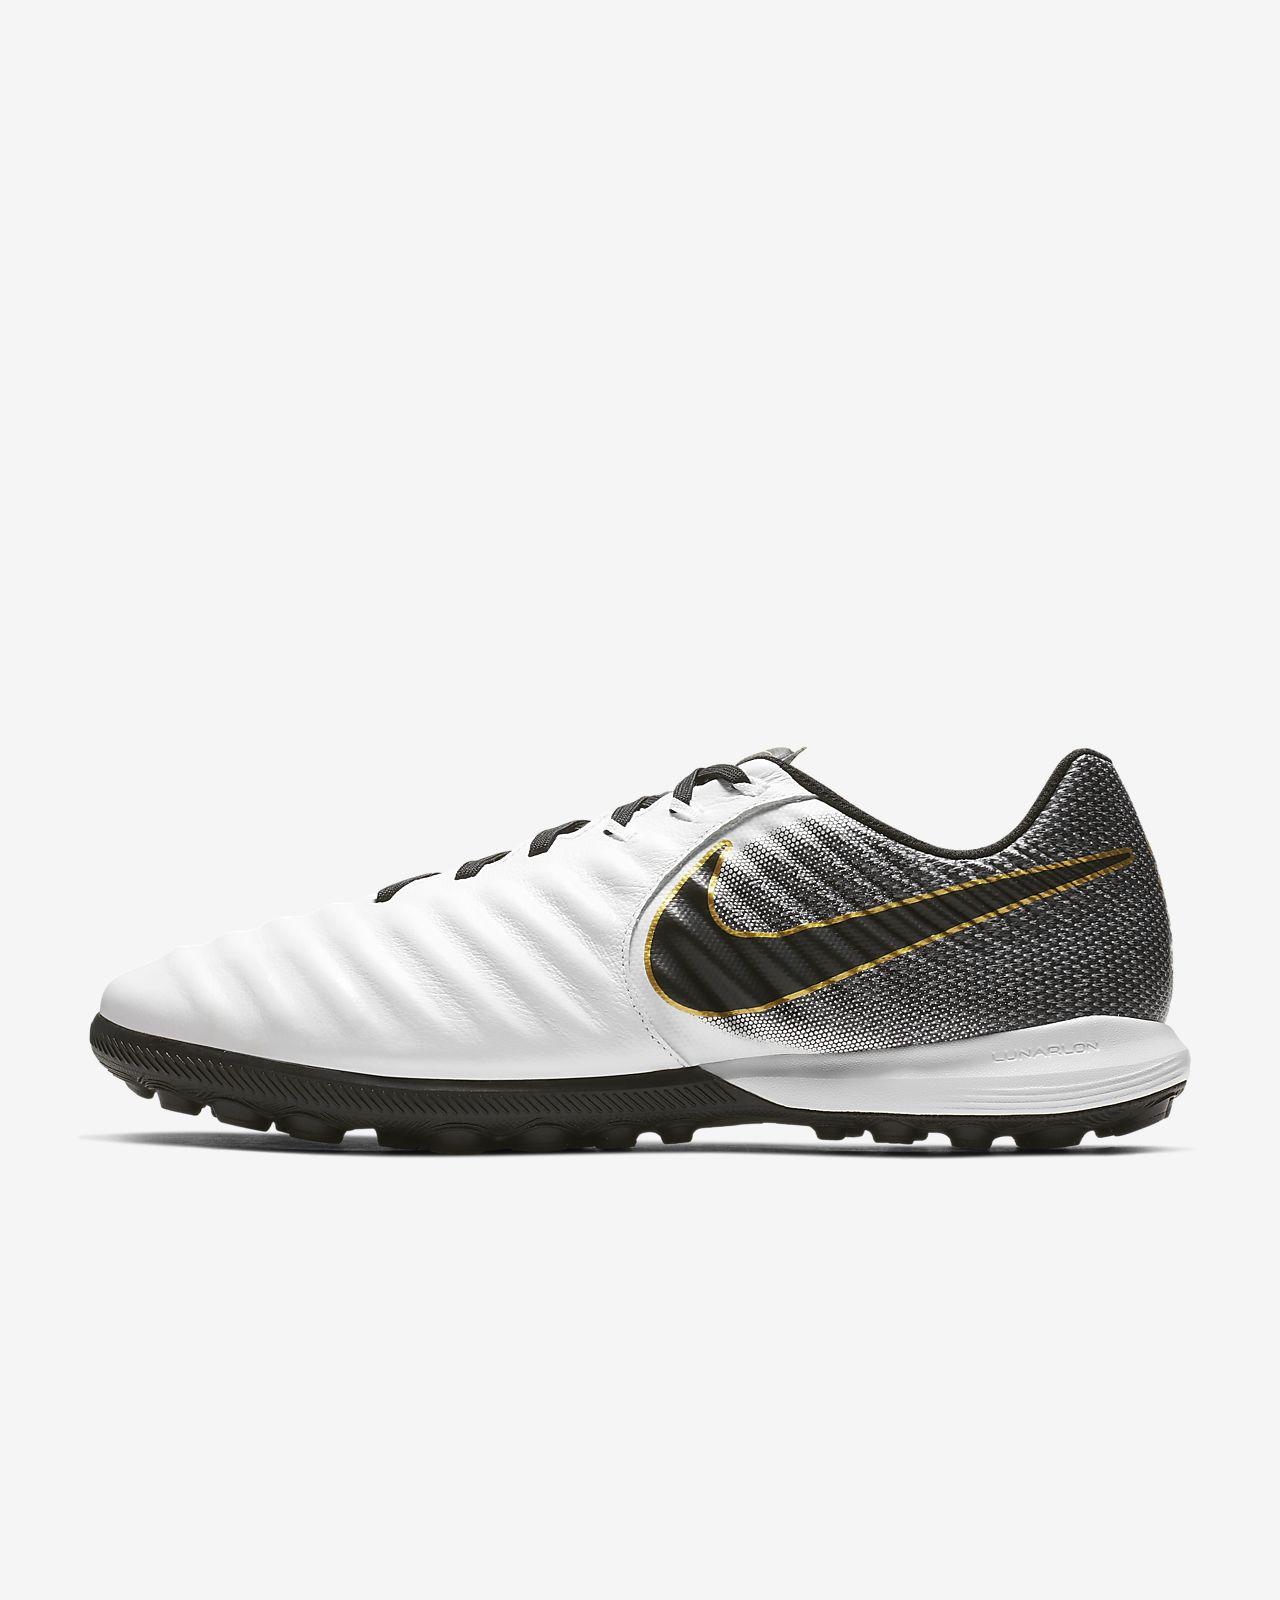 designer fashion 5c1d7 90afb Nike TiempoX Lunar Legend VII Pro Fußballschuh für Turf